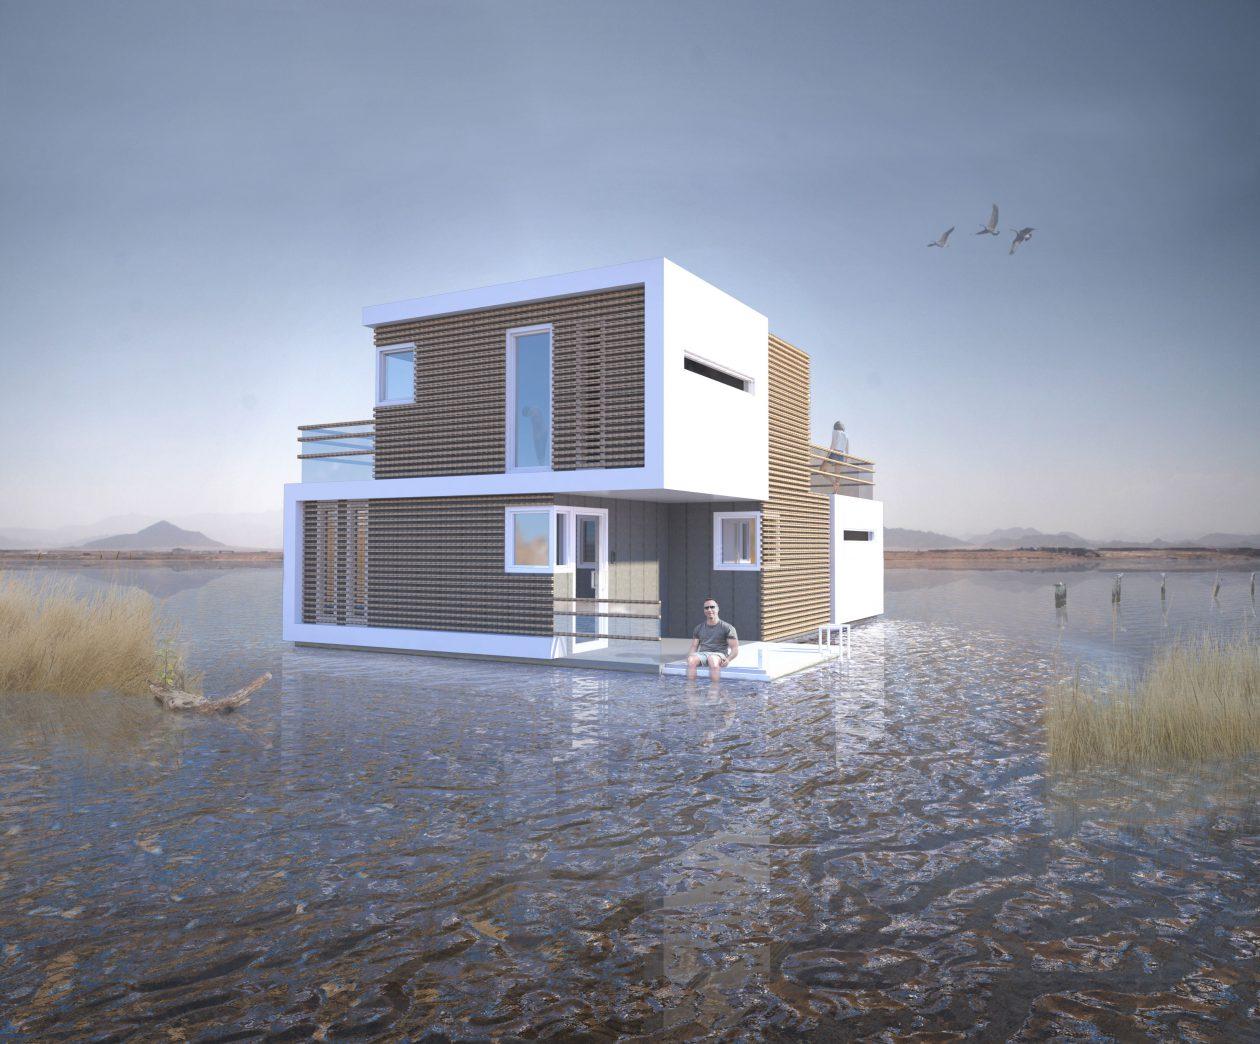 Studio oba ontwerpt gescheiden huis - Huis interieur architectuur ...